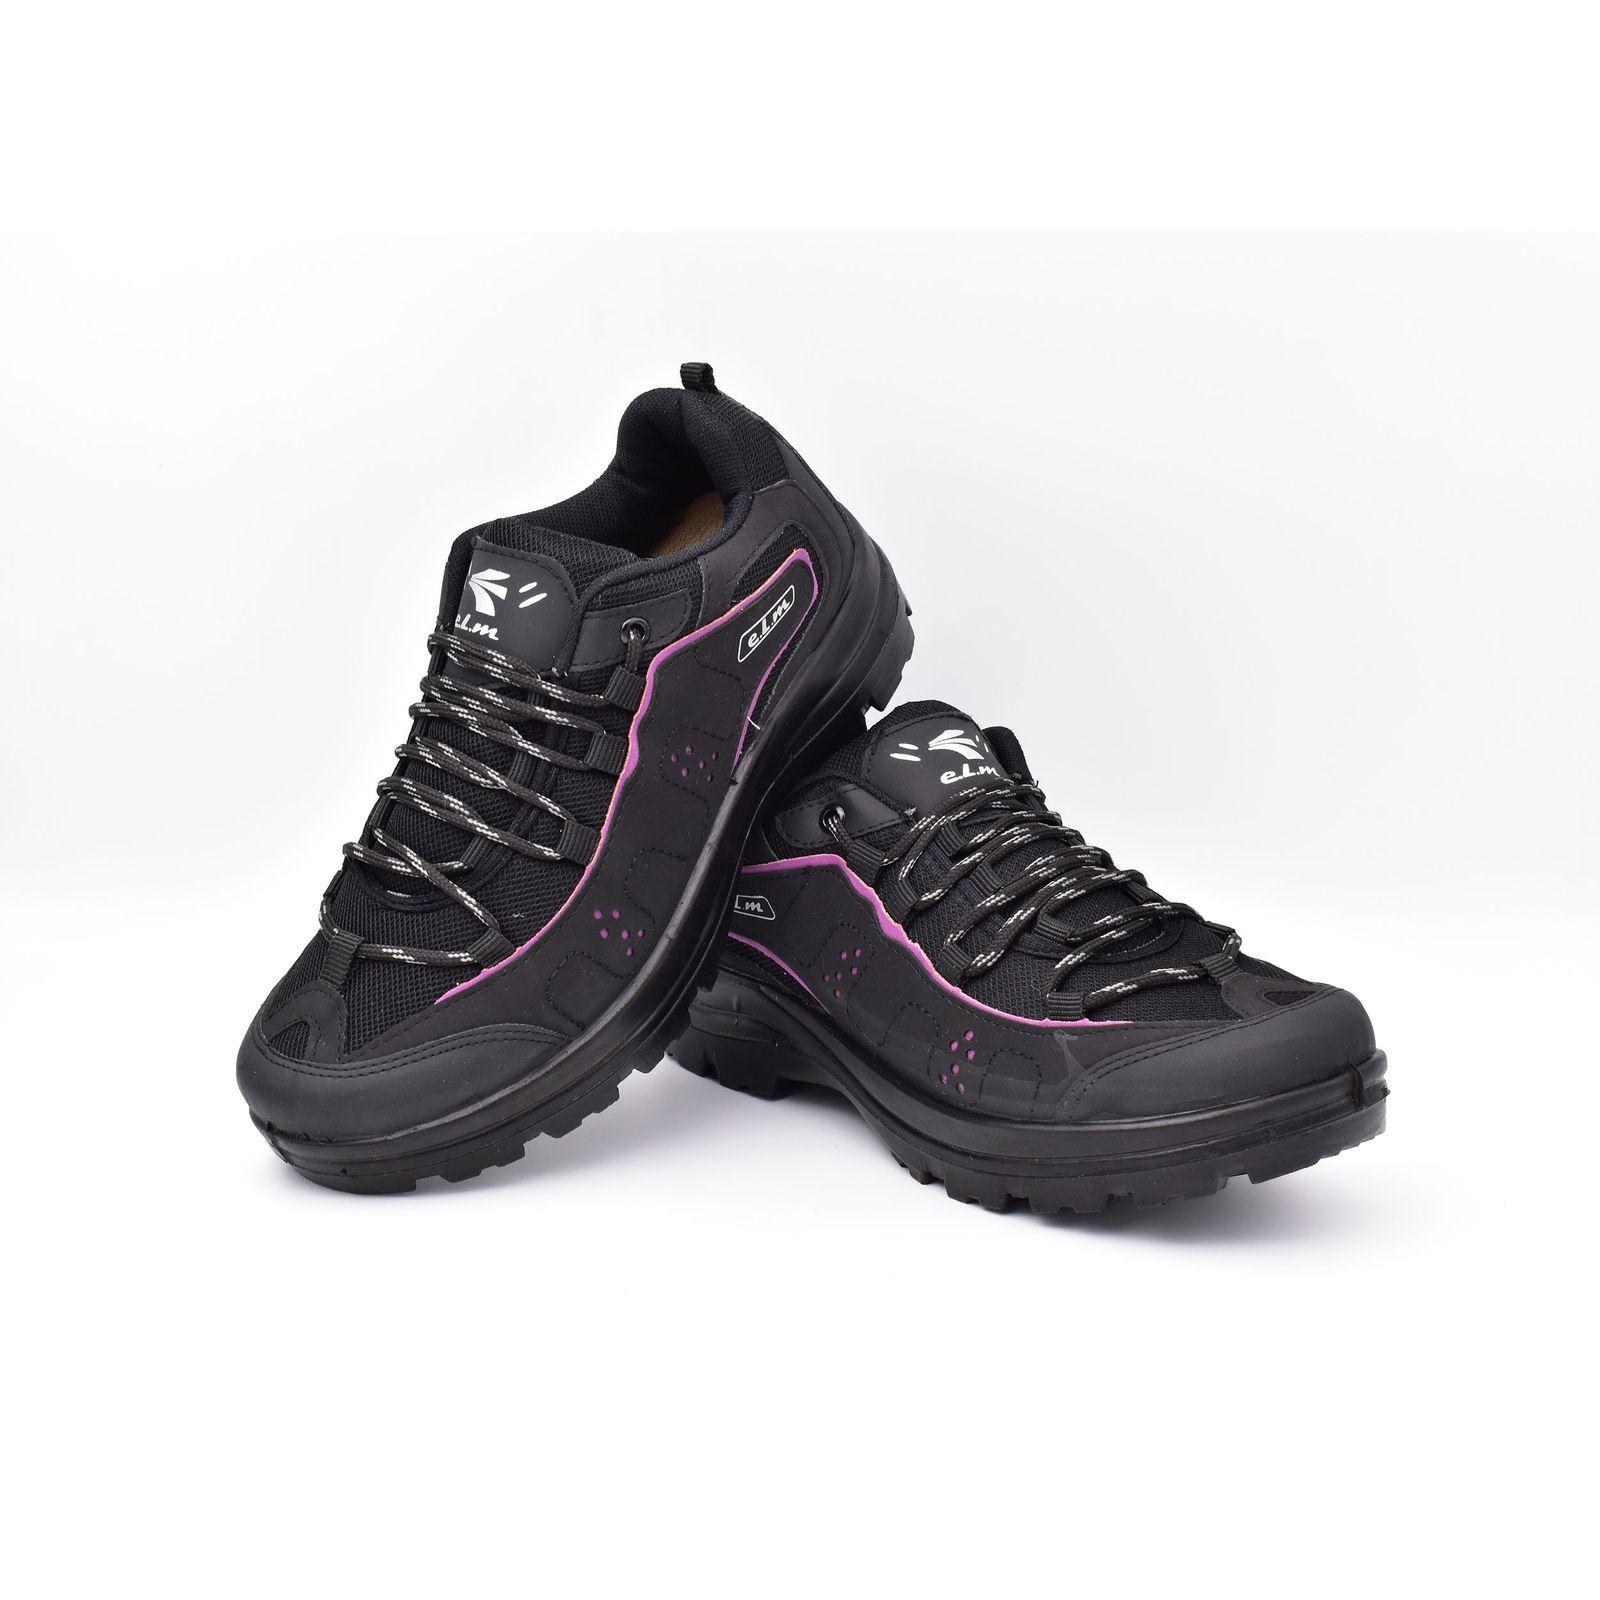 کفش پیاده روی زنانه ای ال ام مدل هیوا کد 7726 -  - 6